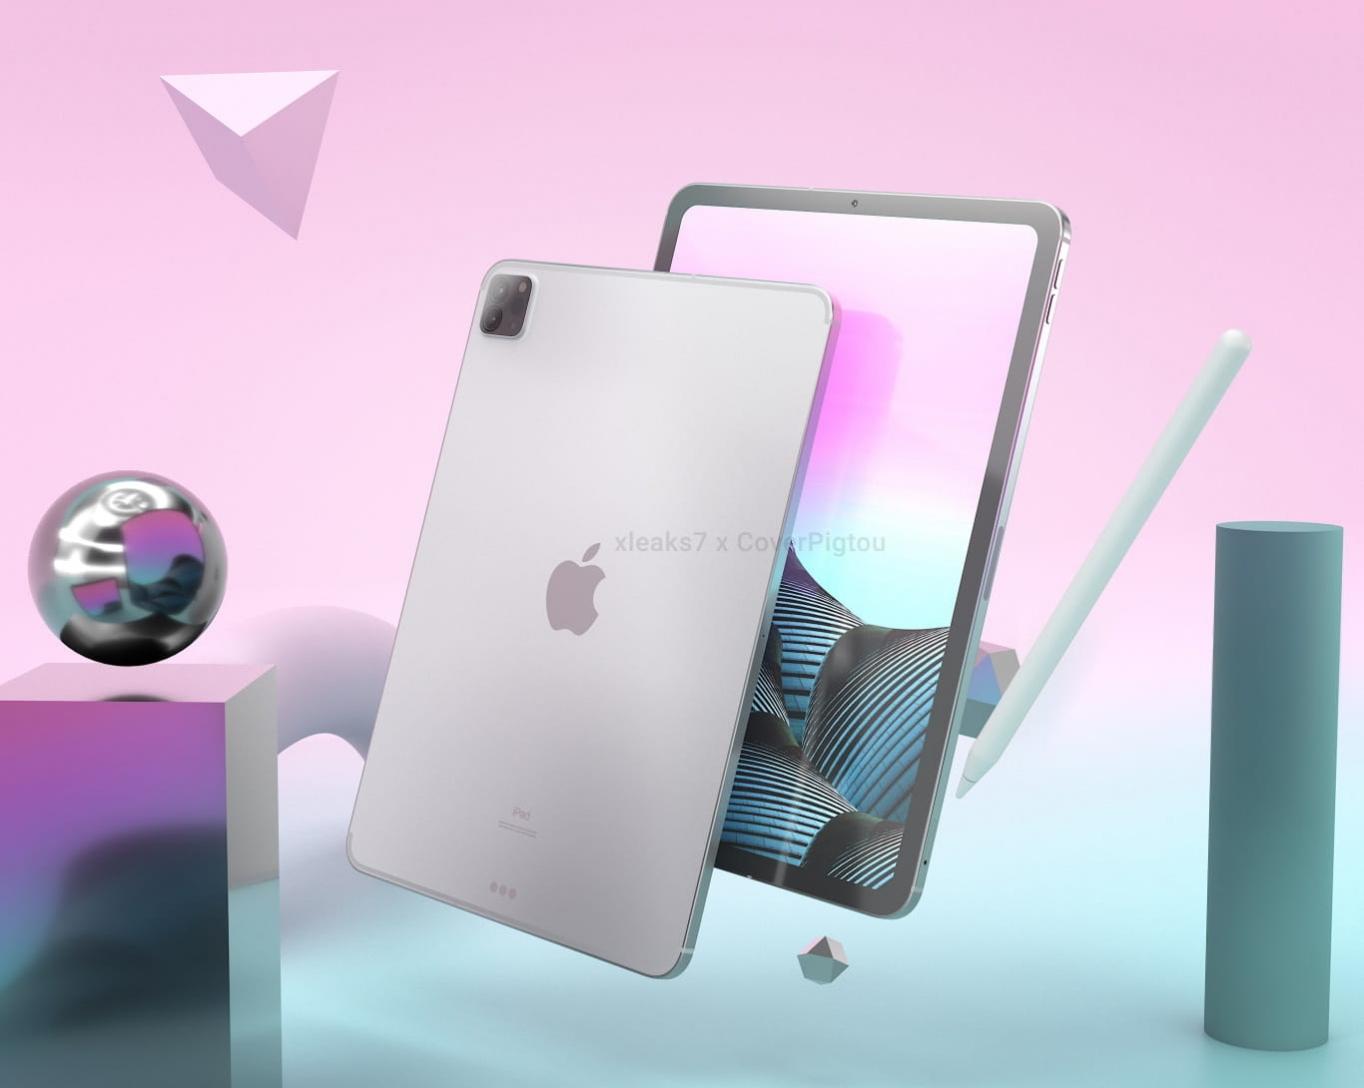 애플, 아이패드 프로 5세대 23일 발표?.. 에어태그도 출시 유력